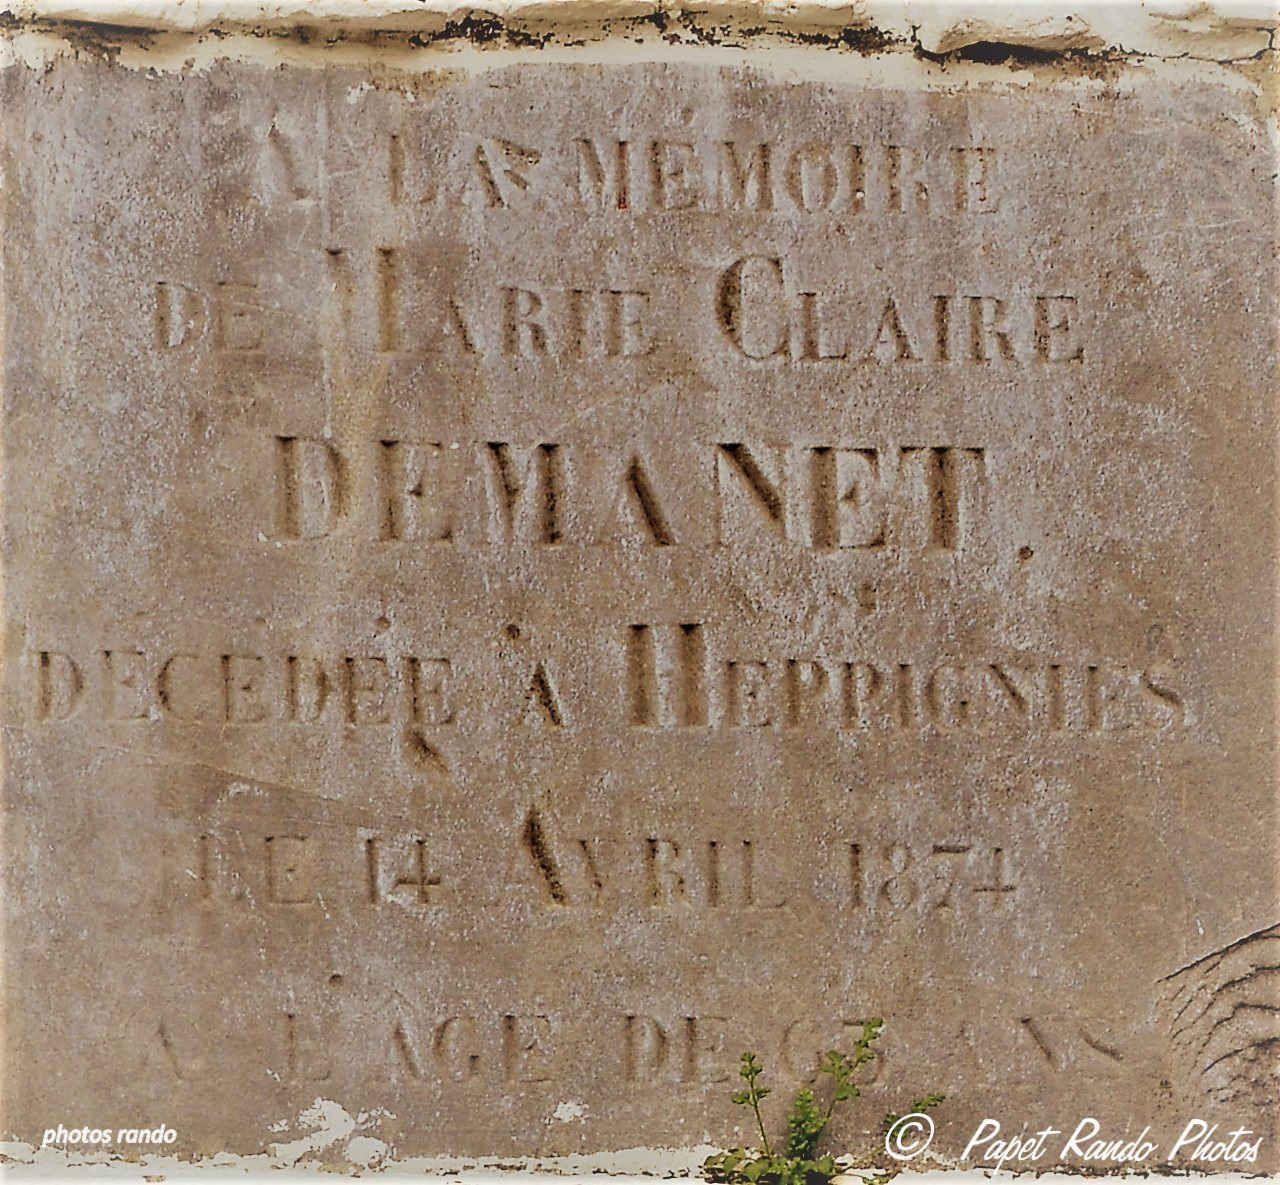 Heppignies, beau petit village ( Entité de Fleurus. Hainaut Wallonie Belgique Francophone) juste mon village jusque mes 20 ans) en photos , peintures etc